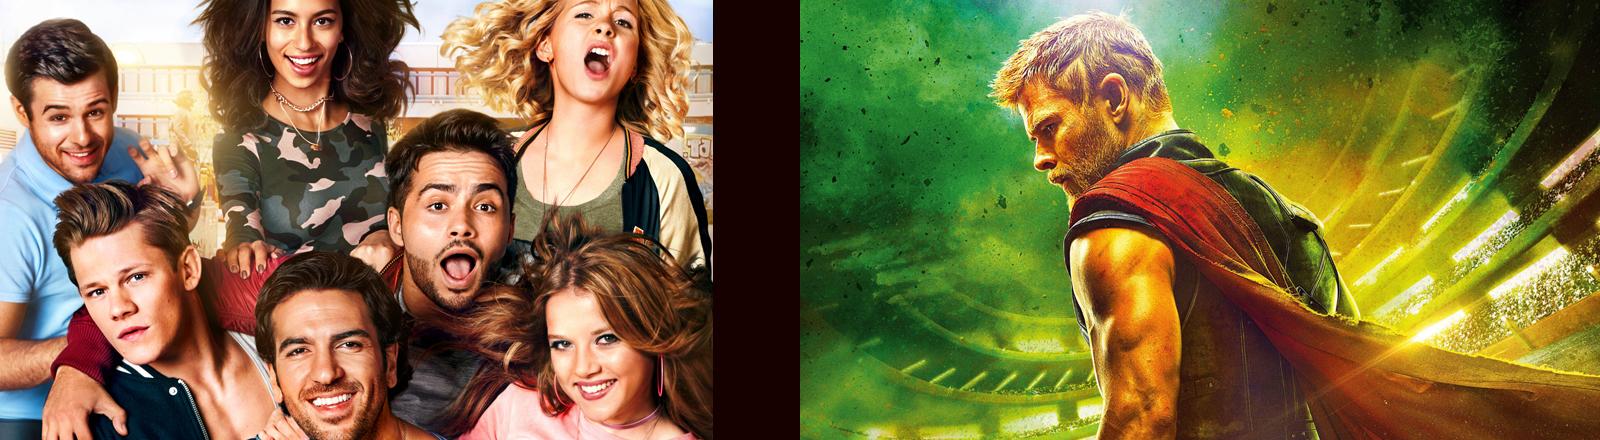 Collage aus zwei Filmplakaten